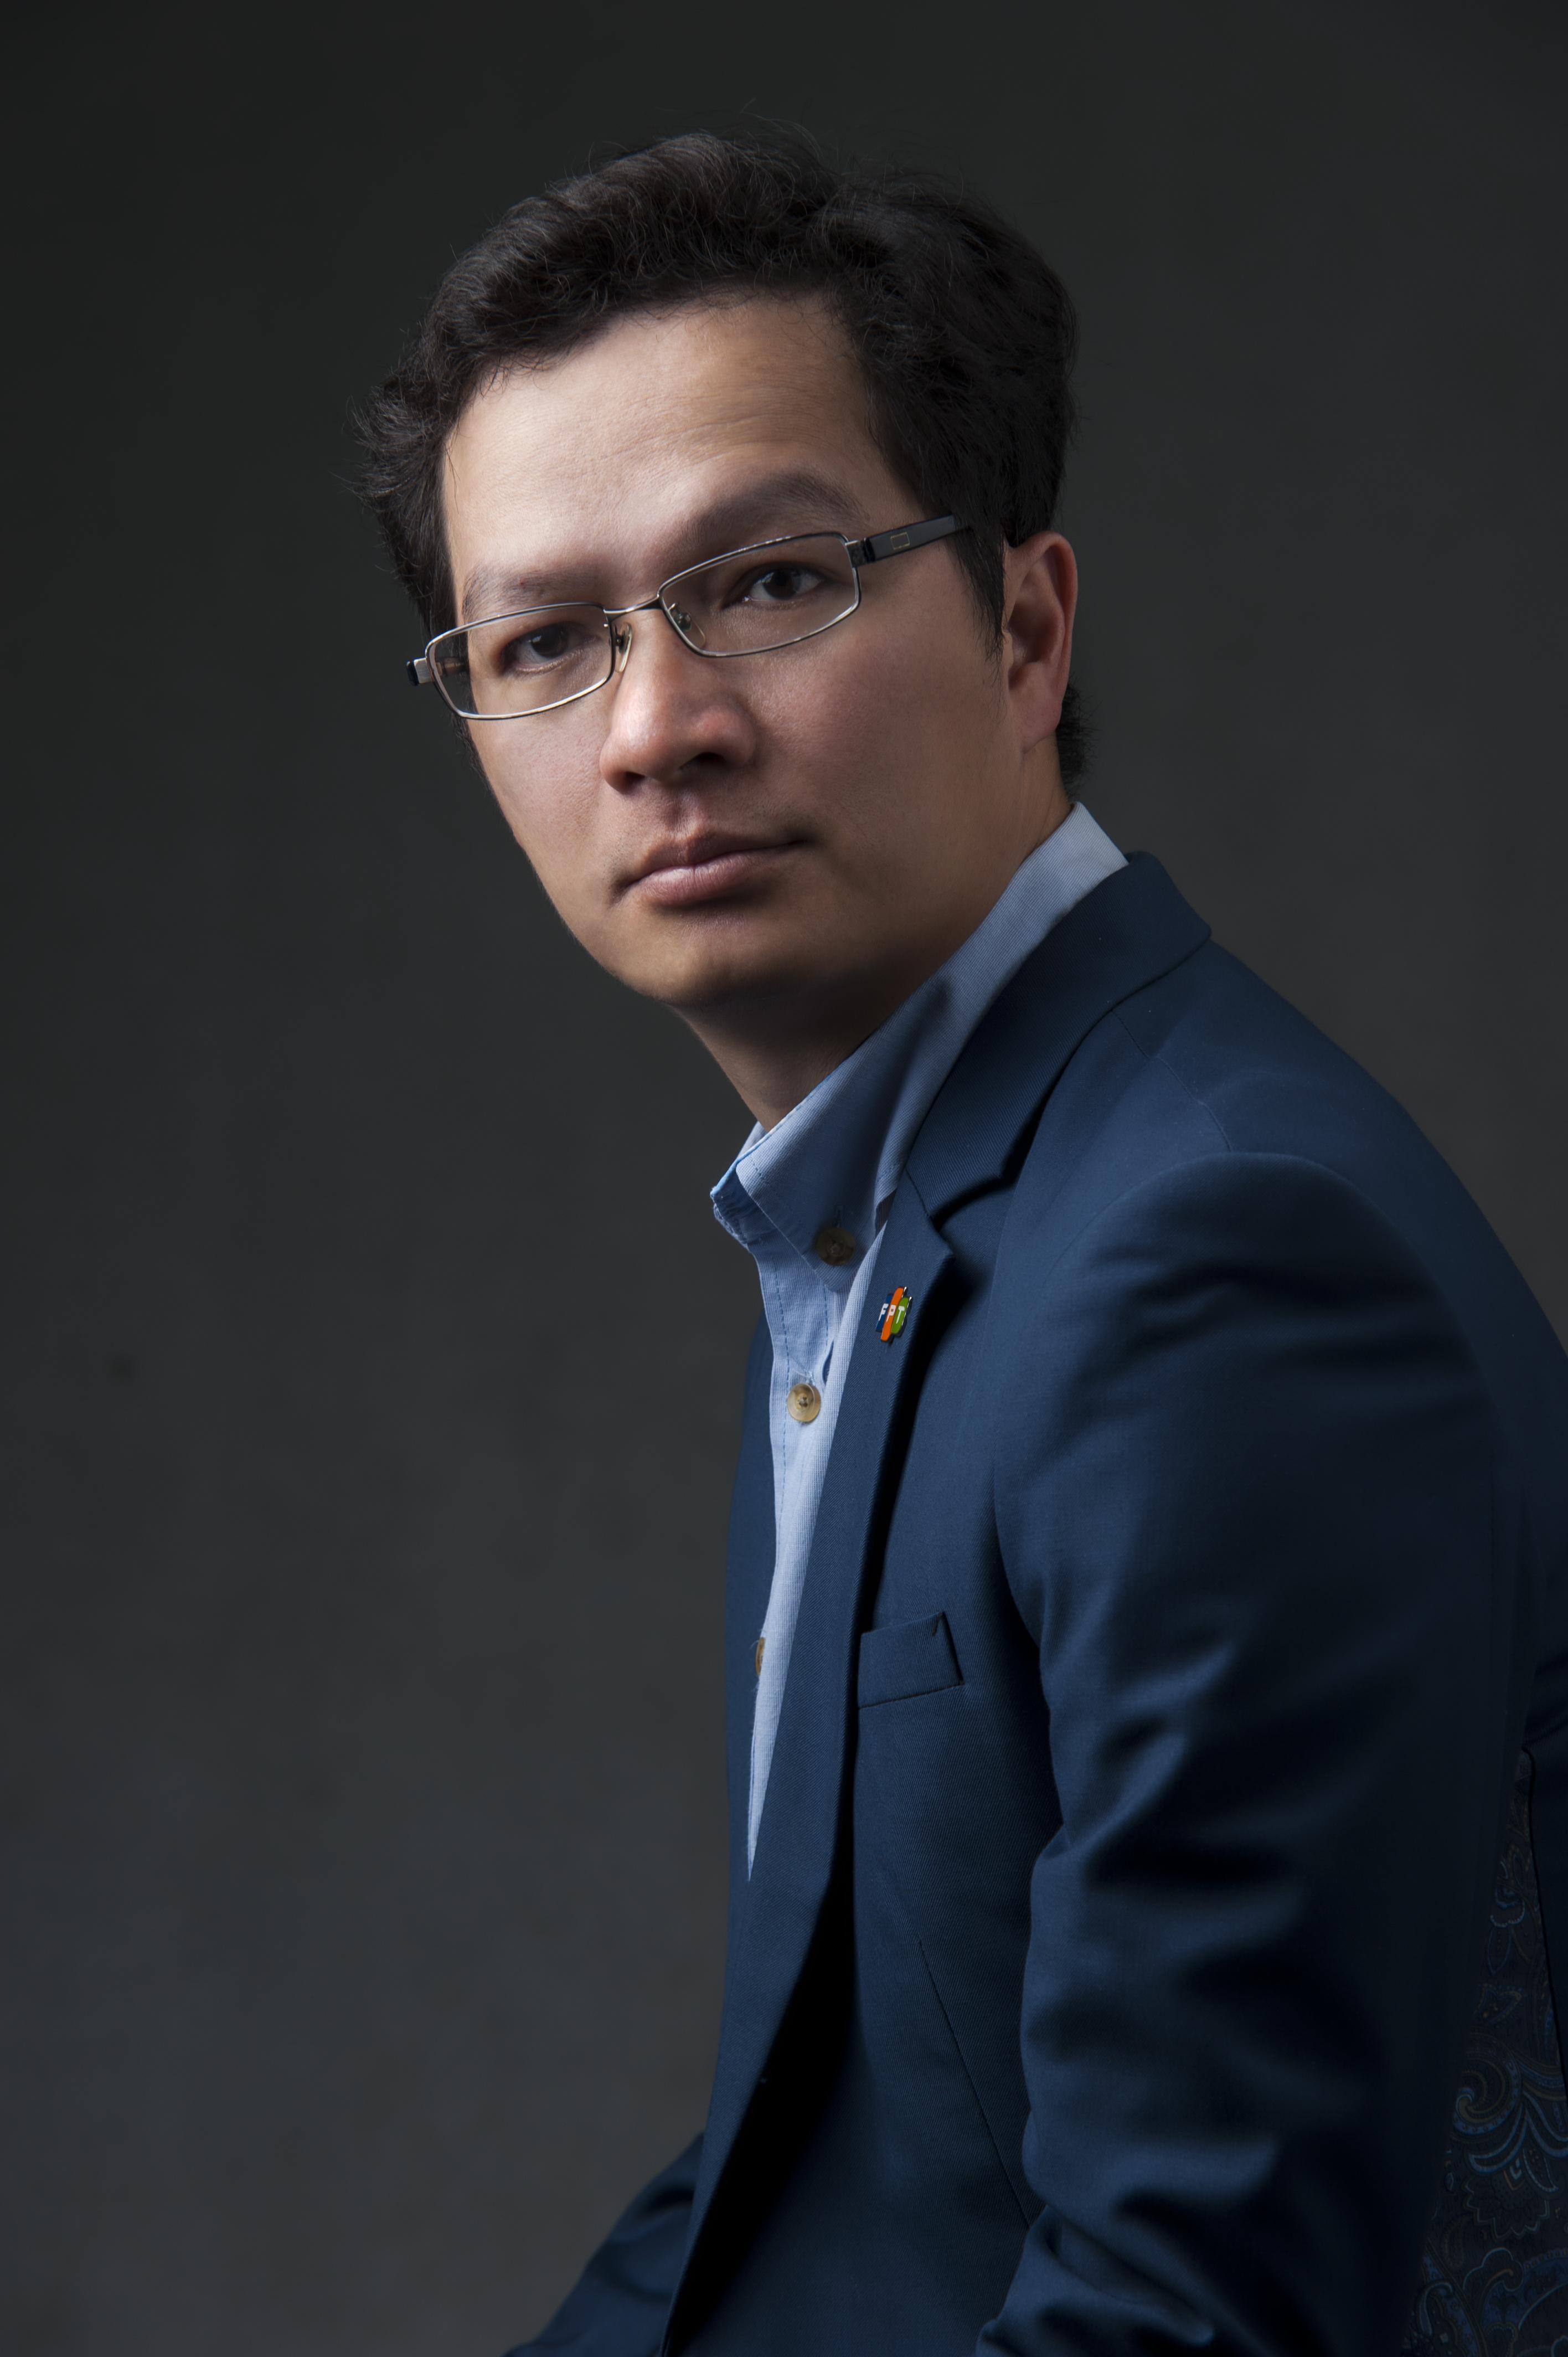 Đại sứ FPT Software - Trần Đăng Hòa Hết năm 2018, anh Trần Đăng Hòa thôi đảm nhận vị trí Giám đốc FPT Japan để nhận trọng trách Giám đốc Điều hành hoạt động FPT Software. Sau 3 năm chèo lái, anh Hòa cùng FPT Japan liên tiếp gặt hái những thành tích tốt. Đây là kết quả không dễ dàng khi làm việc một thị trường khó tính, yêu cầu chất lượng cao và ít biến động như Nhật Bản. COO FPT Software là con người của hành động. Anh thích Tổng thống Mỹ Donal Trump.